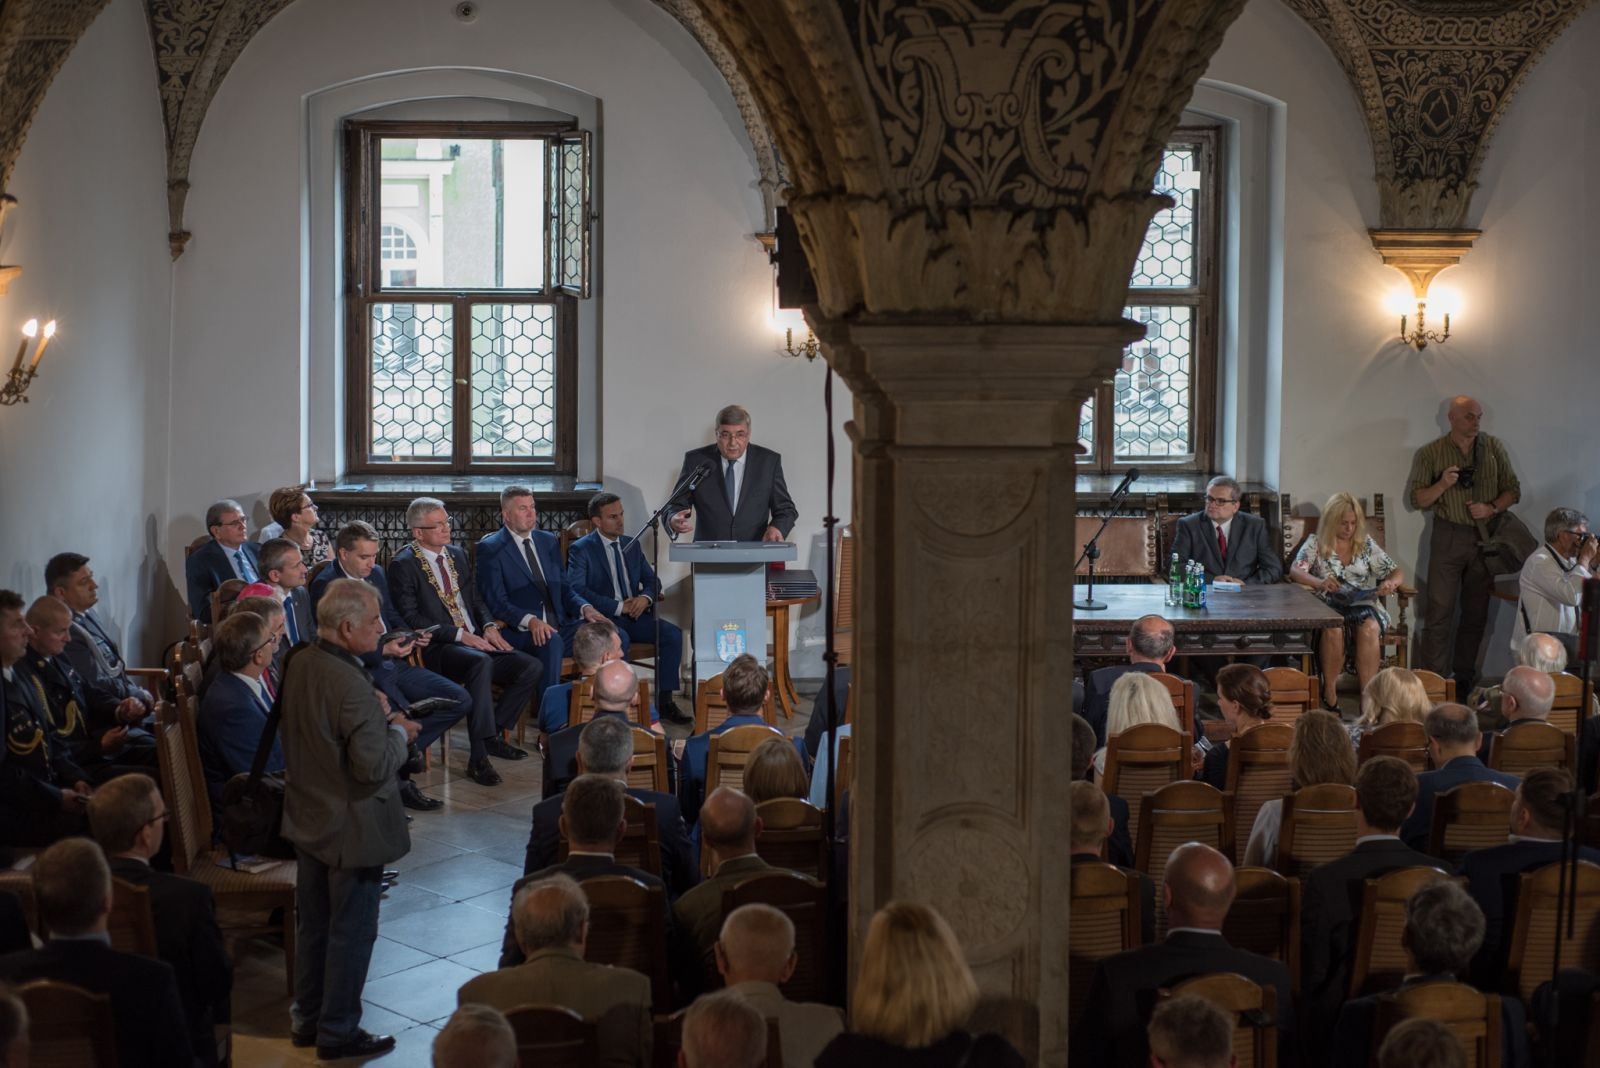 Zdjęcie - uroczysta sesji Rady Miasta, w dniu patronów Piotra i Pawła